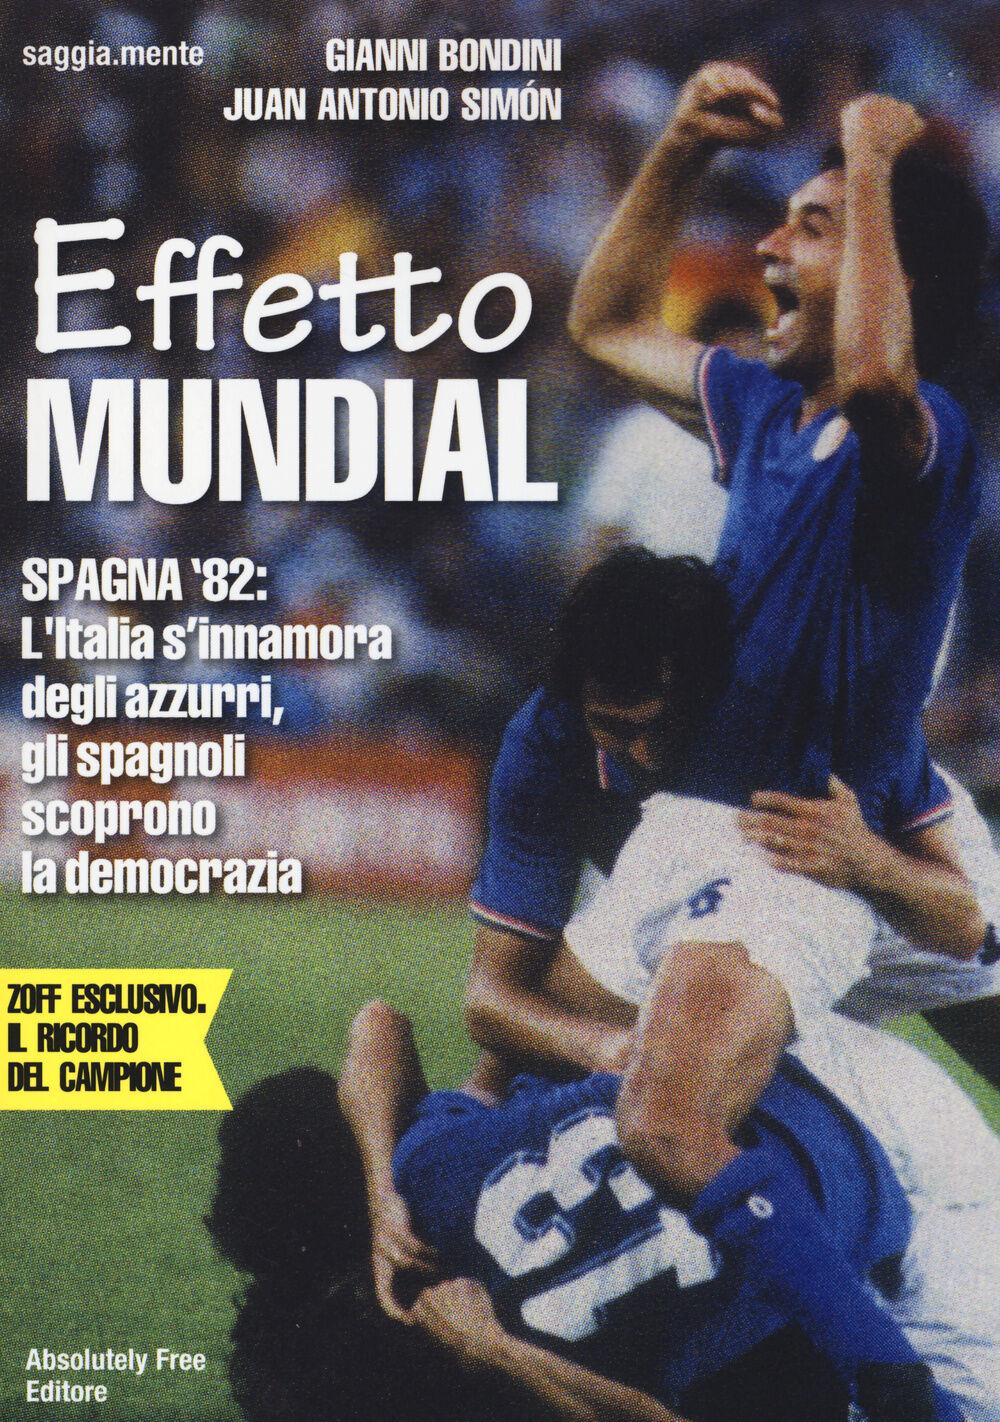 Effetto Mundial. Spagna '82. L'Italia s'innamora degli azzurri, gli spagnoli scoprono la democrazia